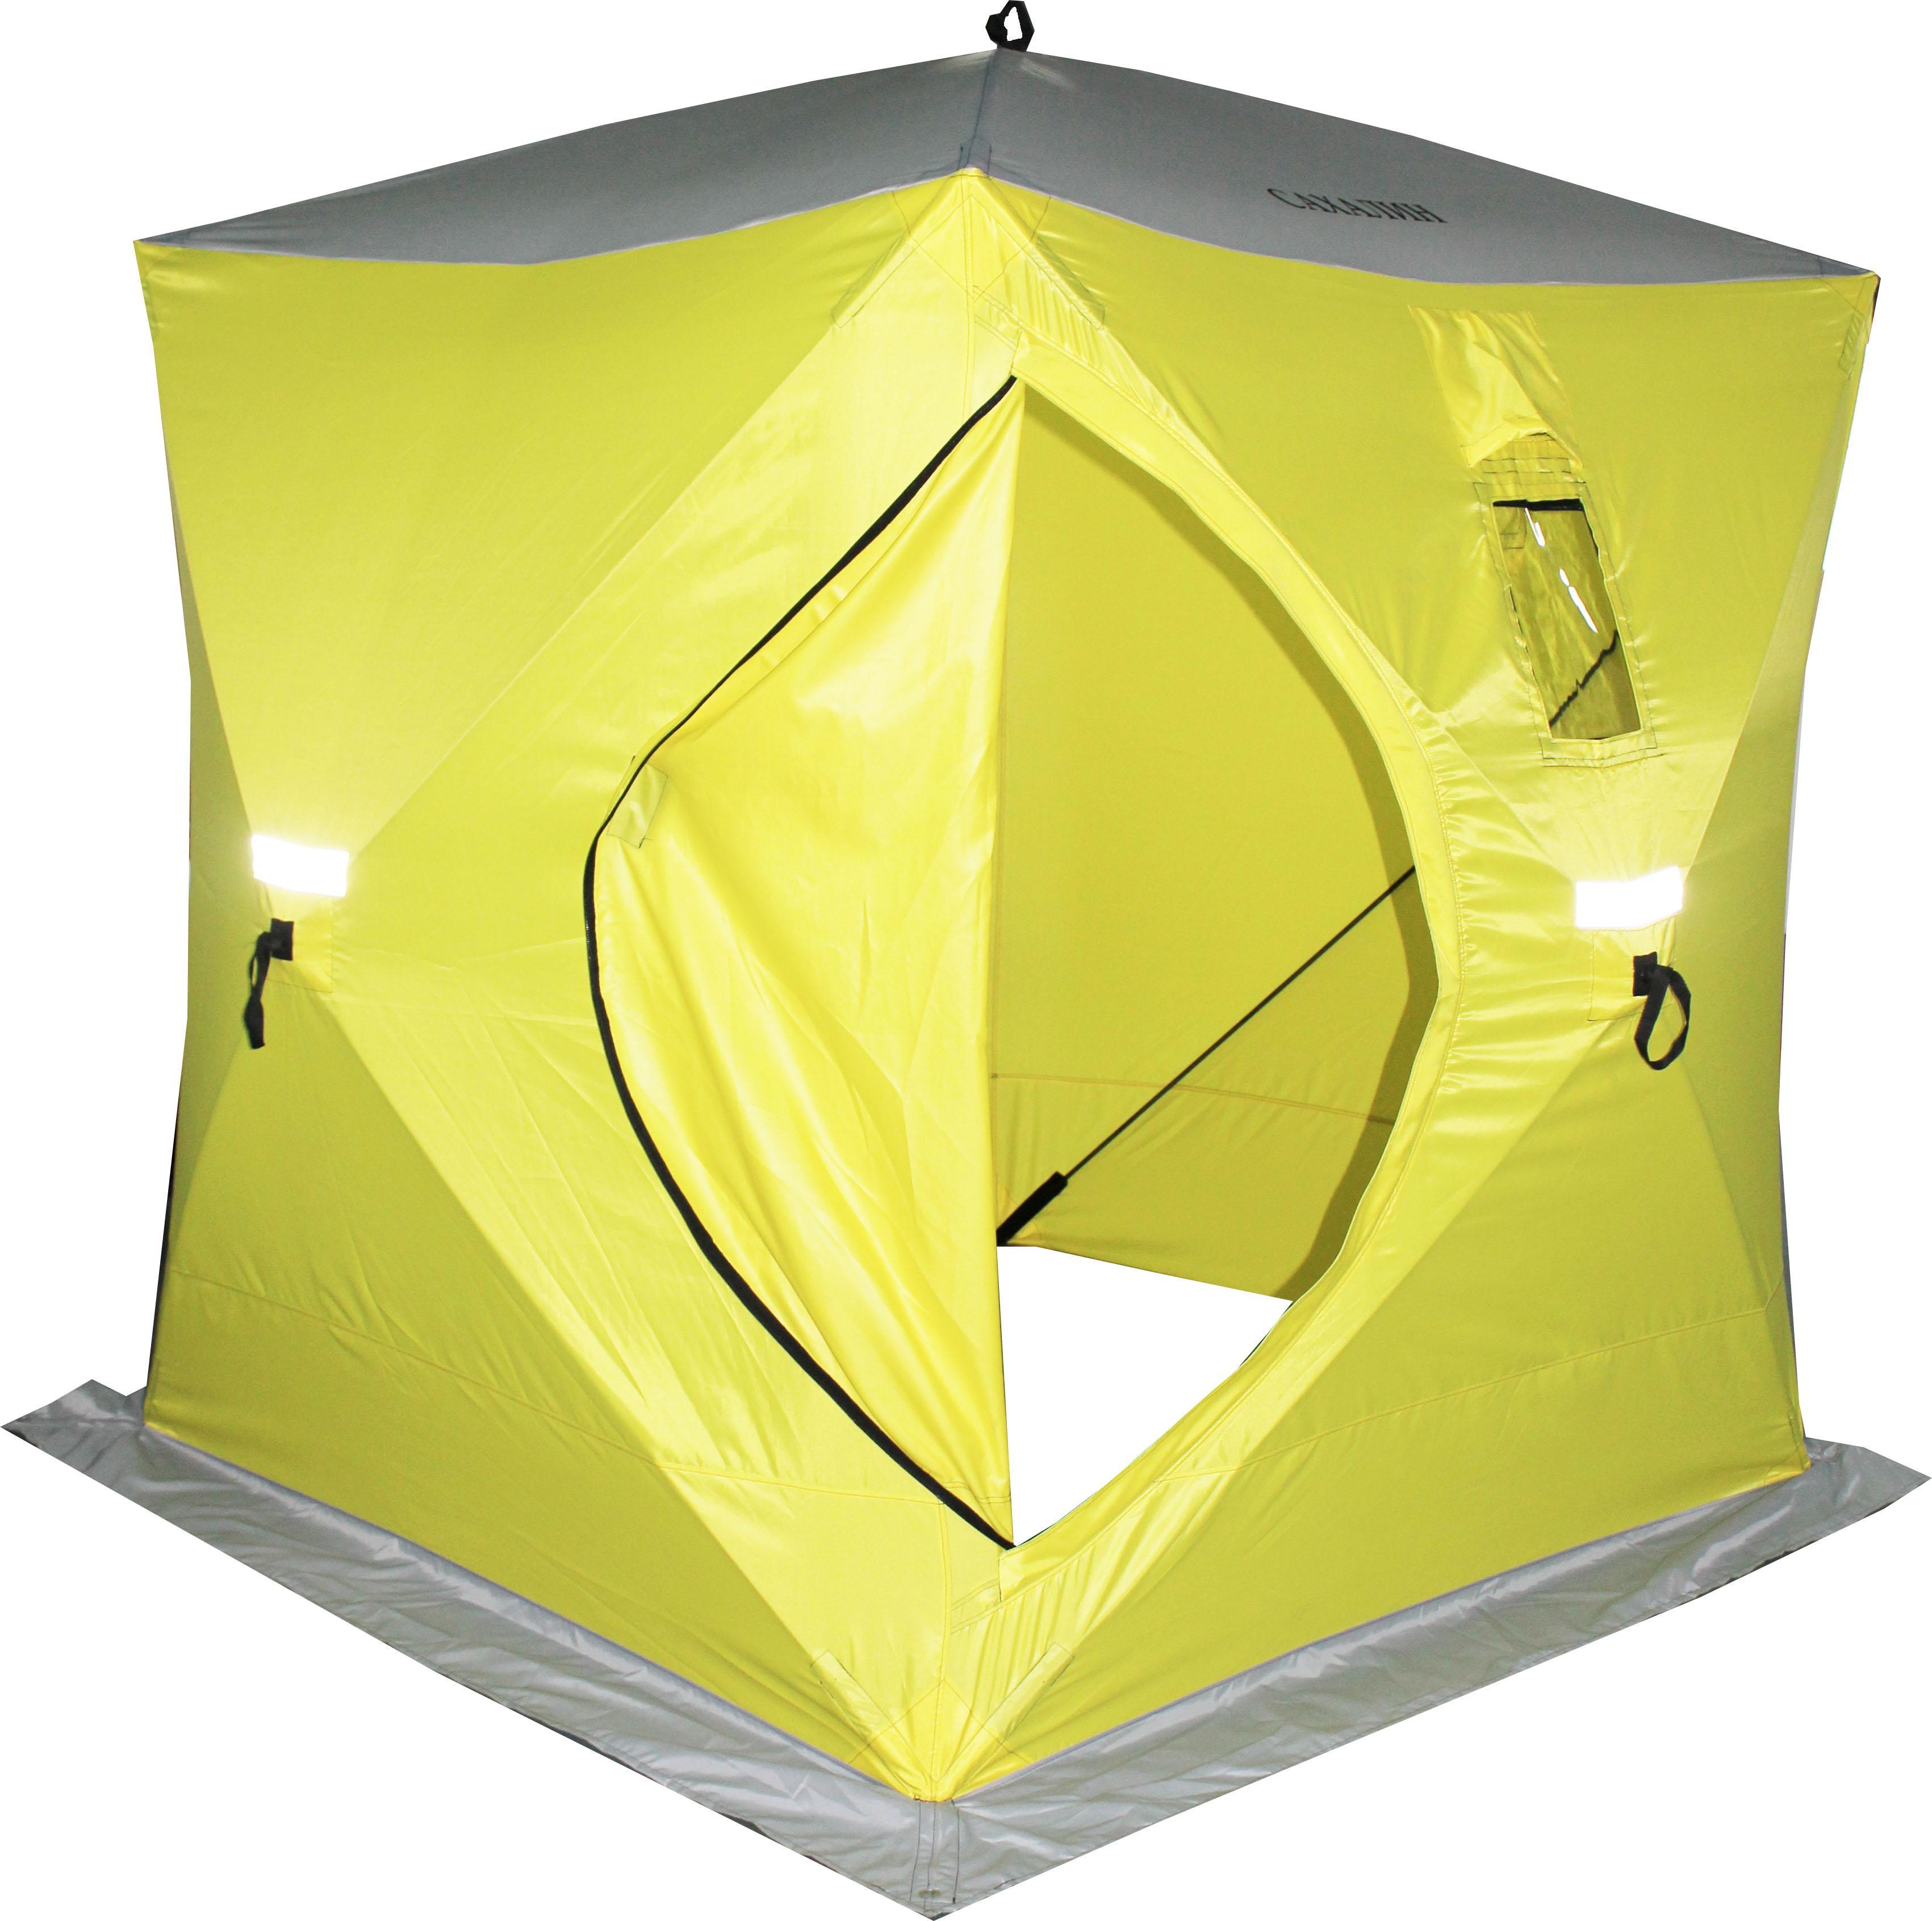 Палатка для зимней рыбалки Сахалин 4 - артикул: 485480325